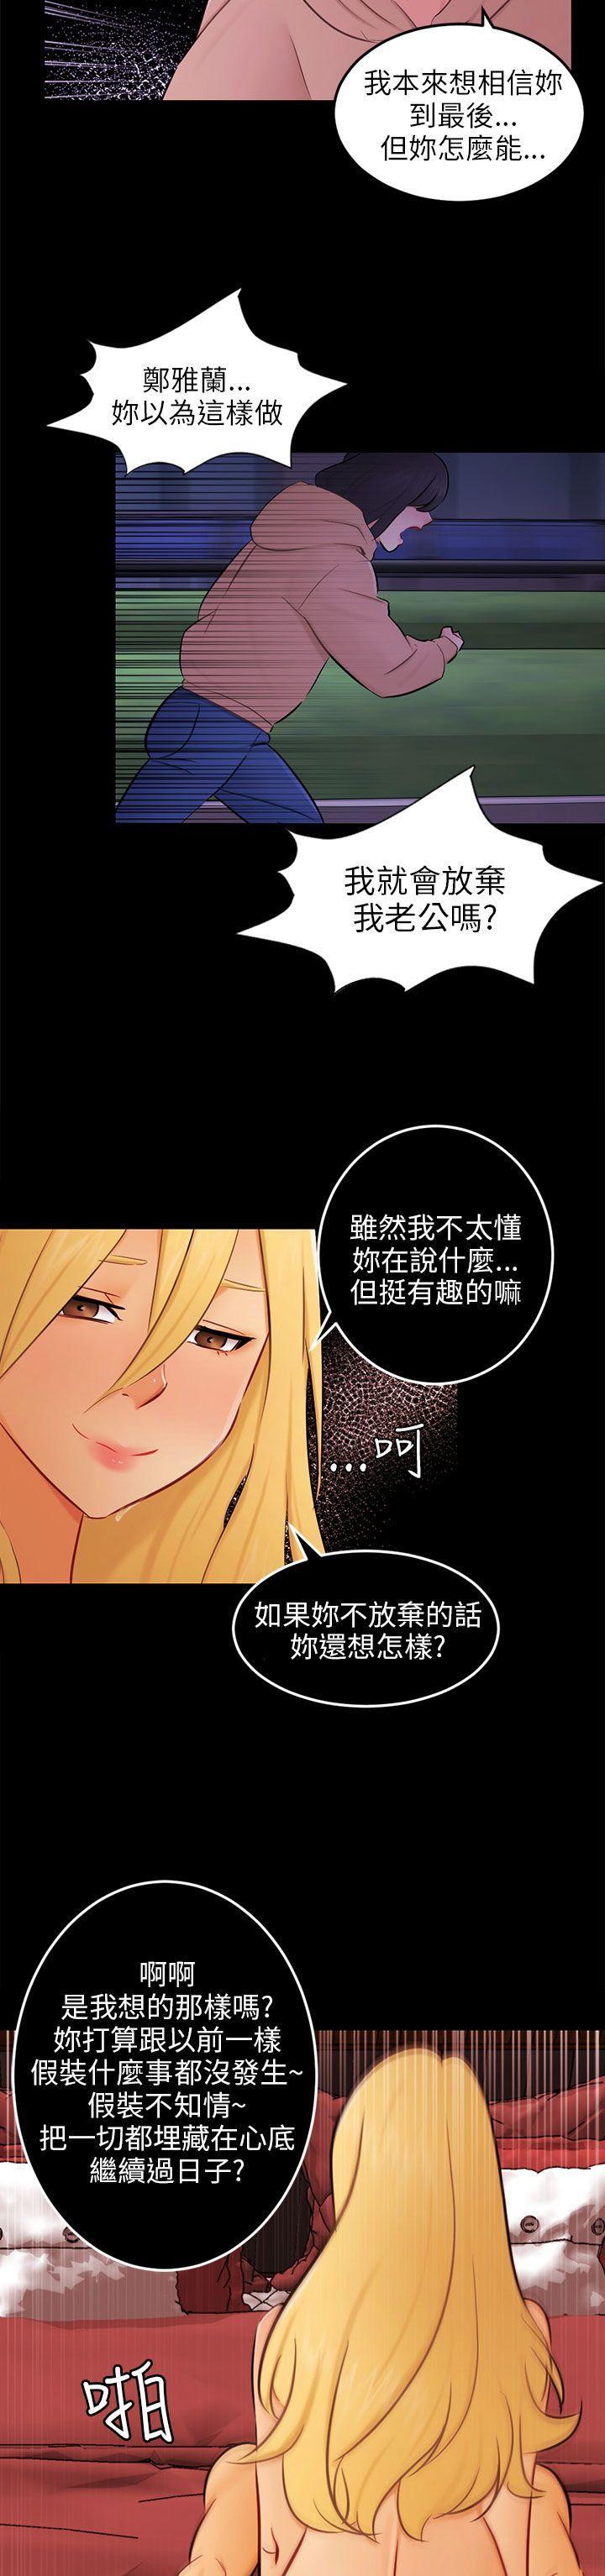 騙局-第23話 海娜全彩韩漫标签